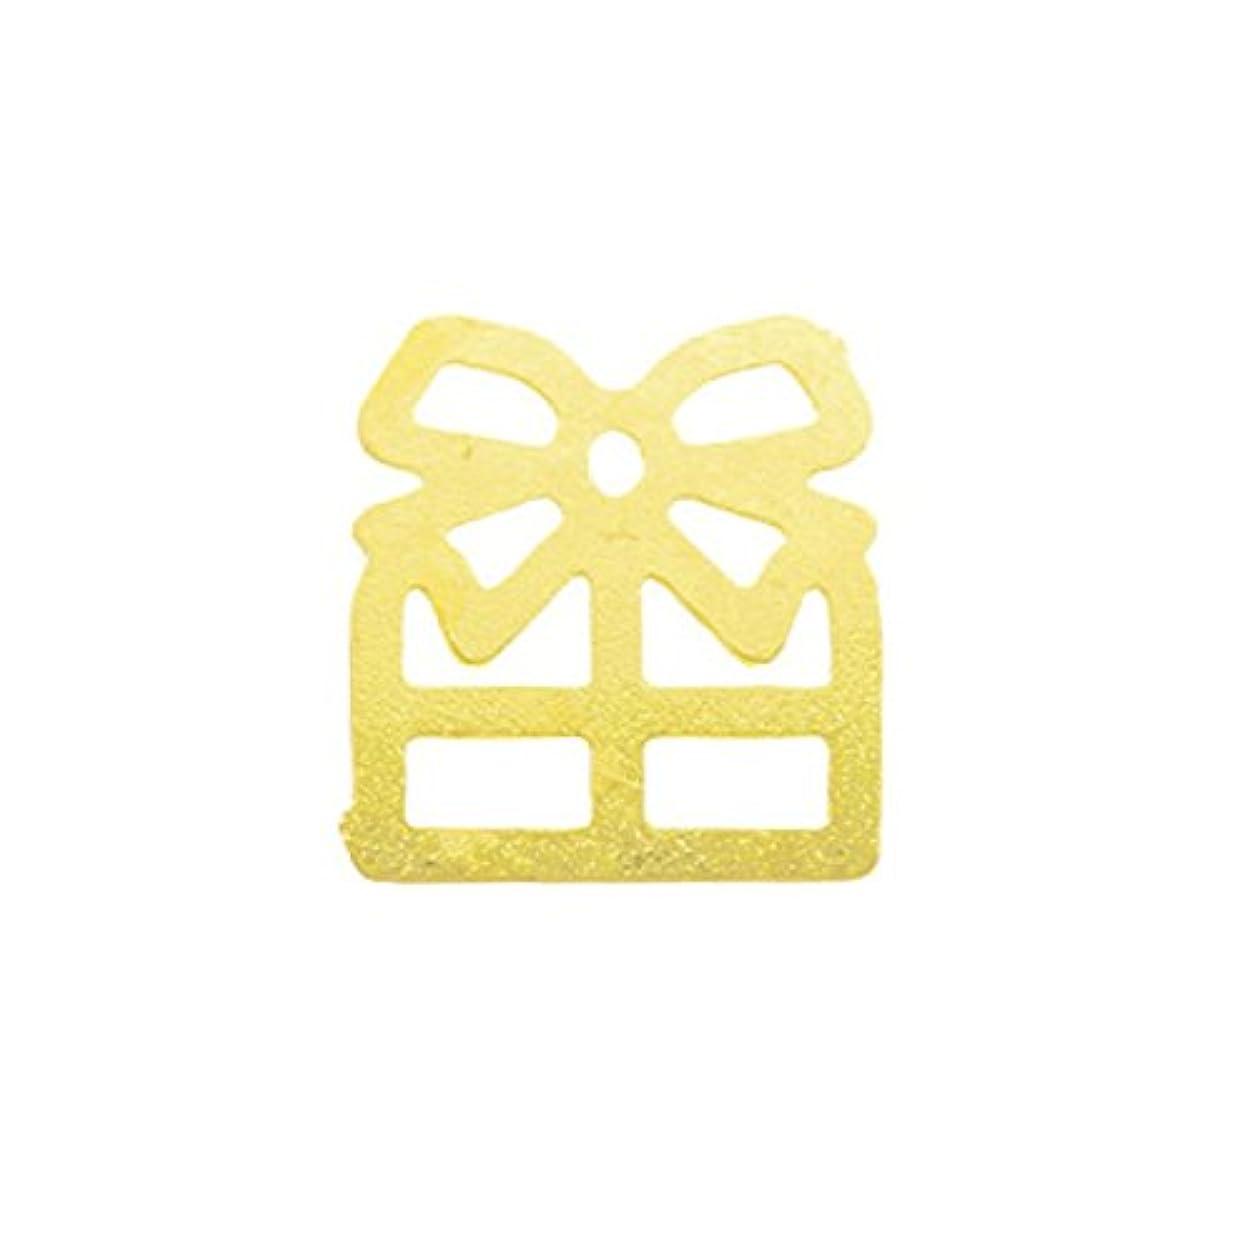 確執ソファー花嫁メタルプレート(ネイルストーン デコ) プレゼント ゴールド (30個入り)(ネイル用品)